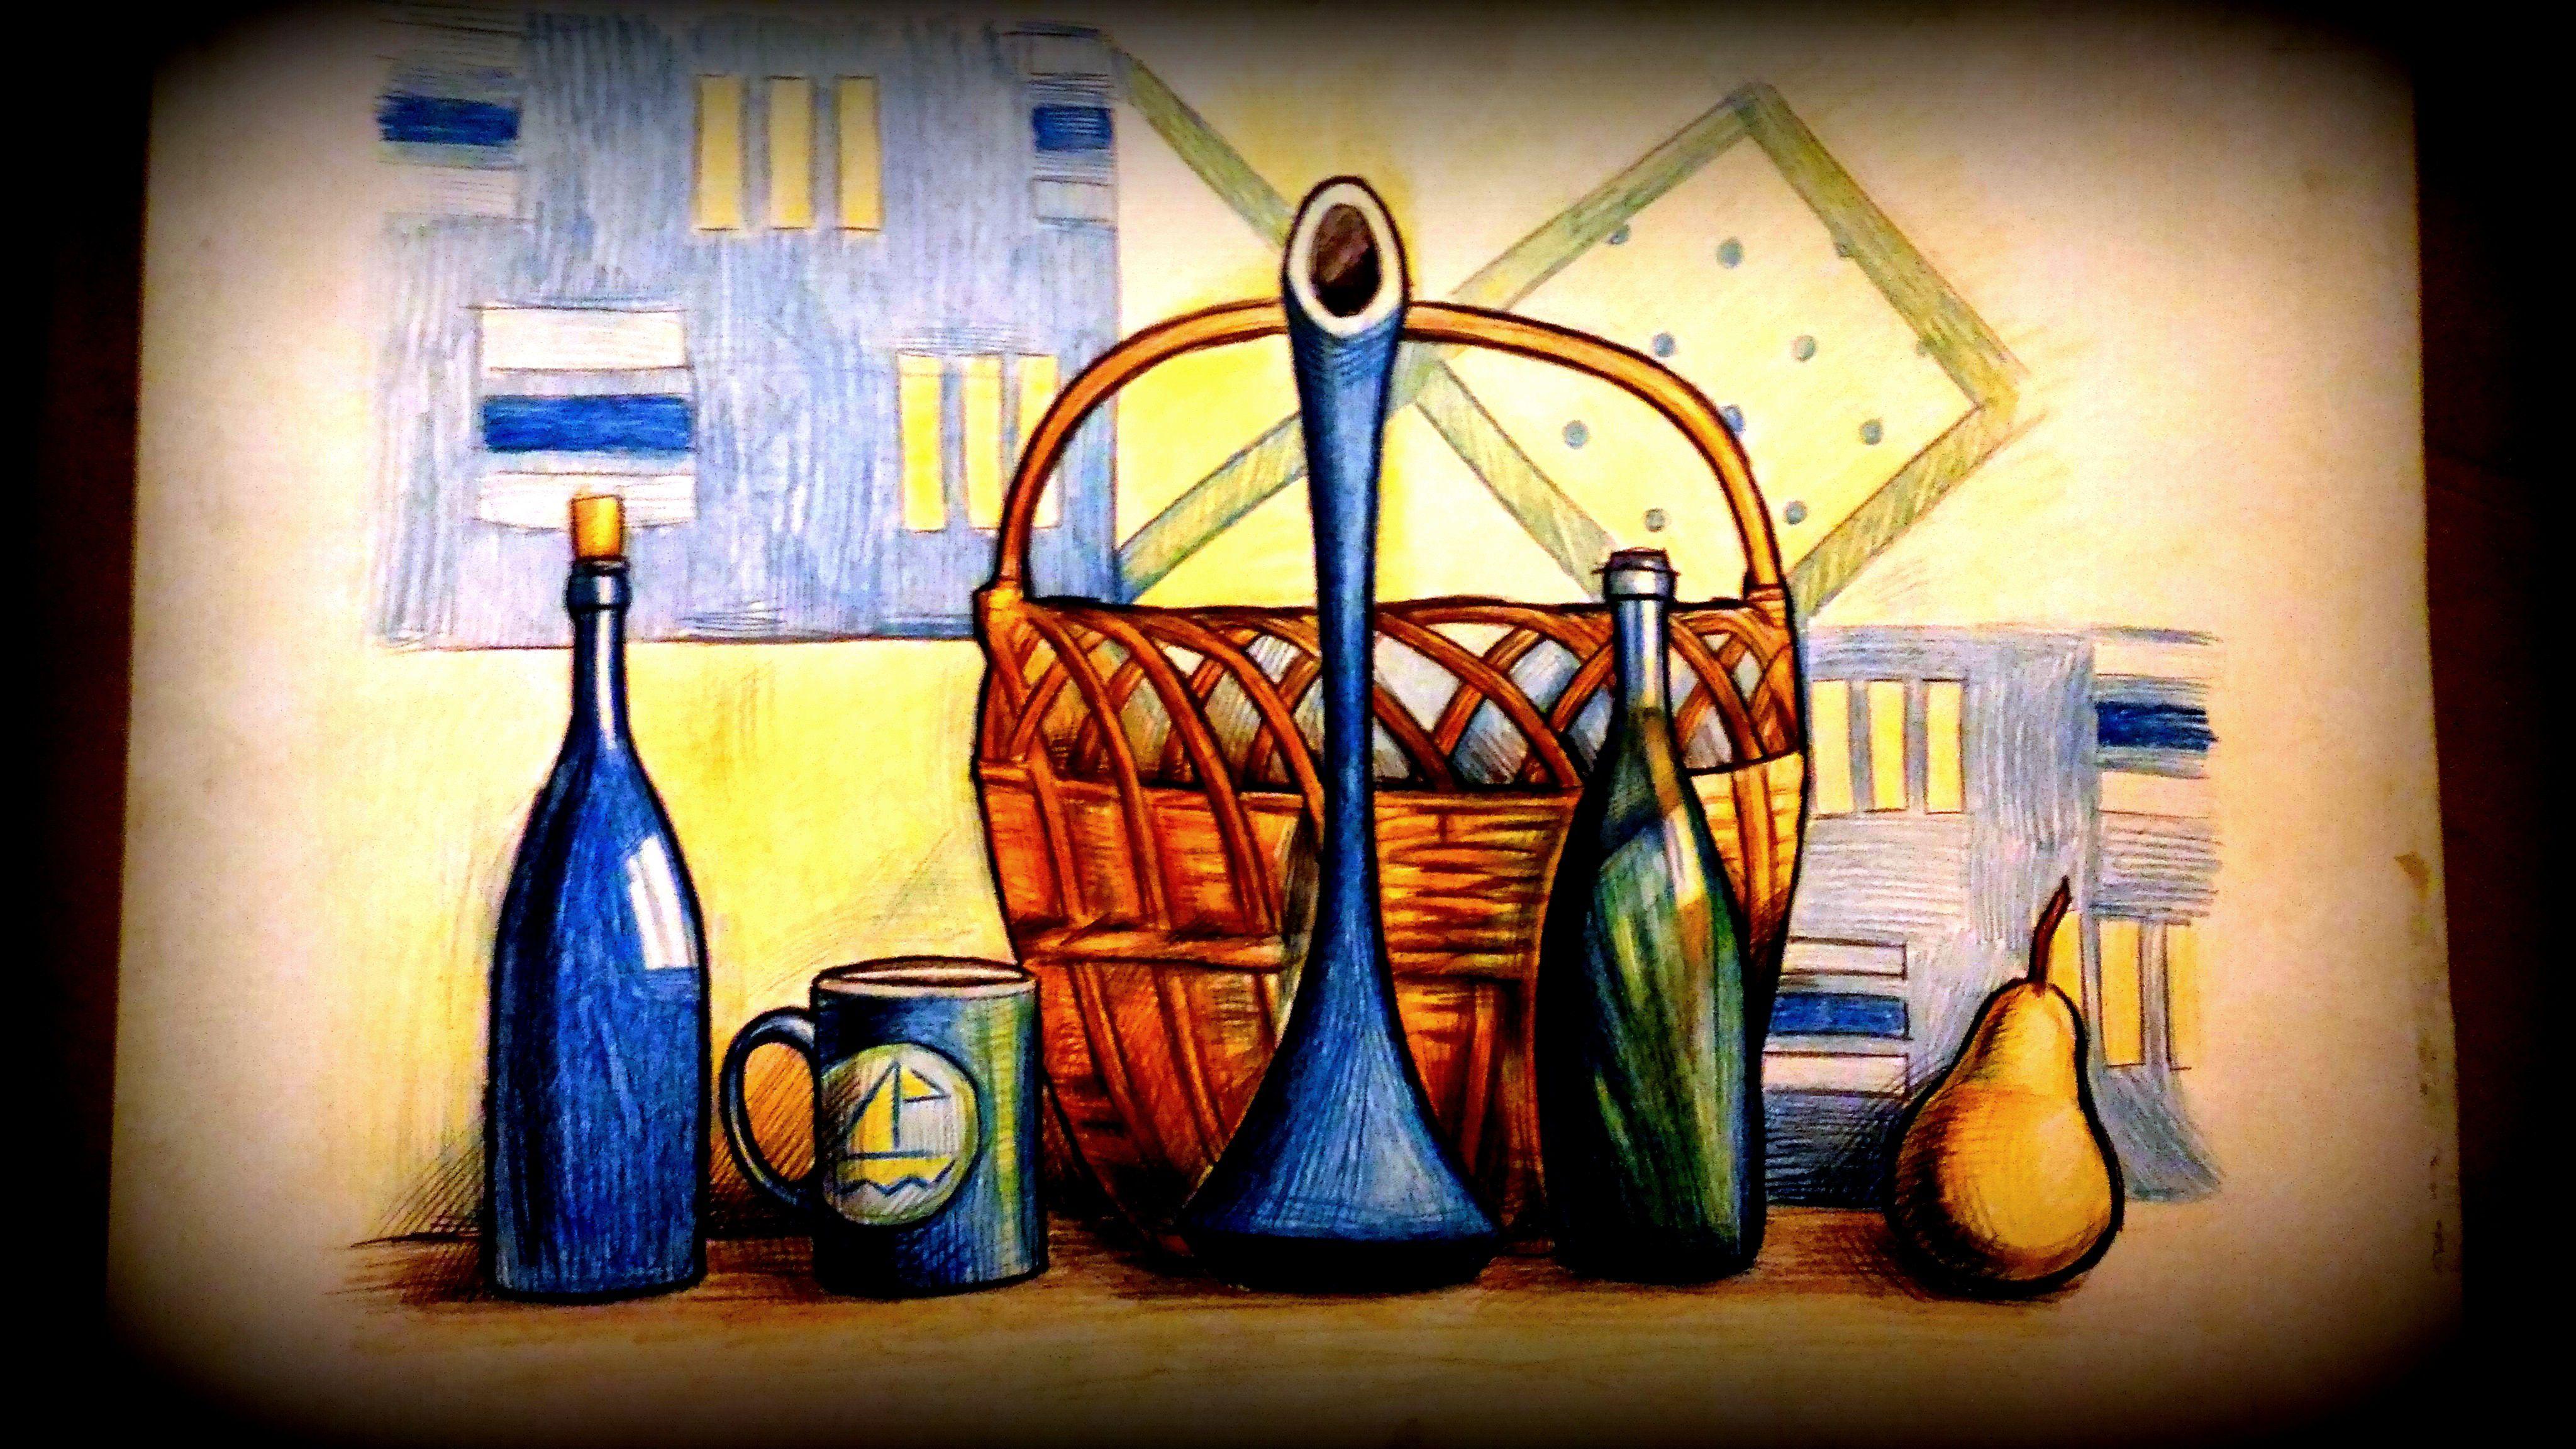 интерьера натюрморт цветные картины графика карандаши оформление живопись совреммная стекло